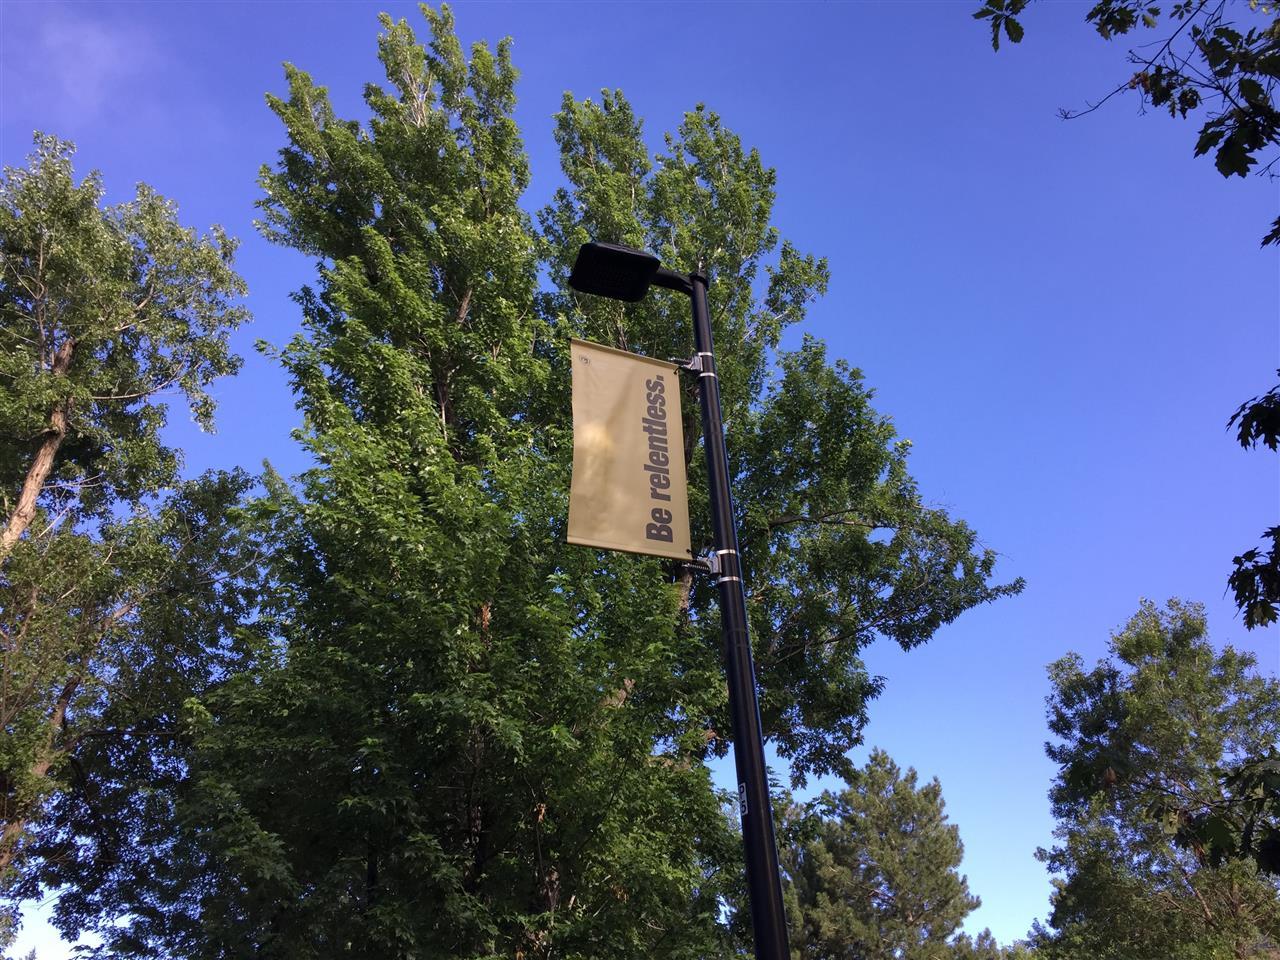 University of Colorado Campus, Boulder, CO